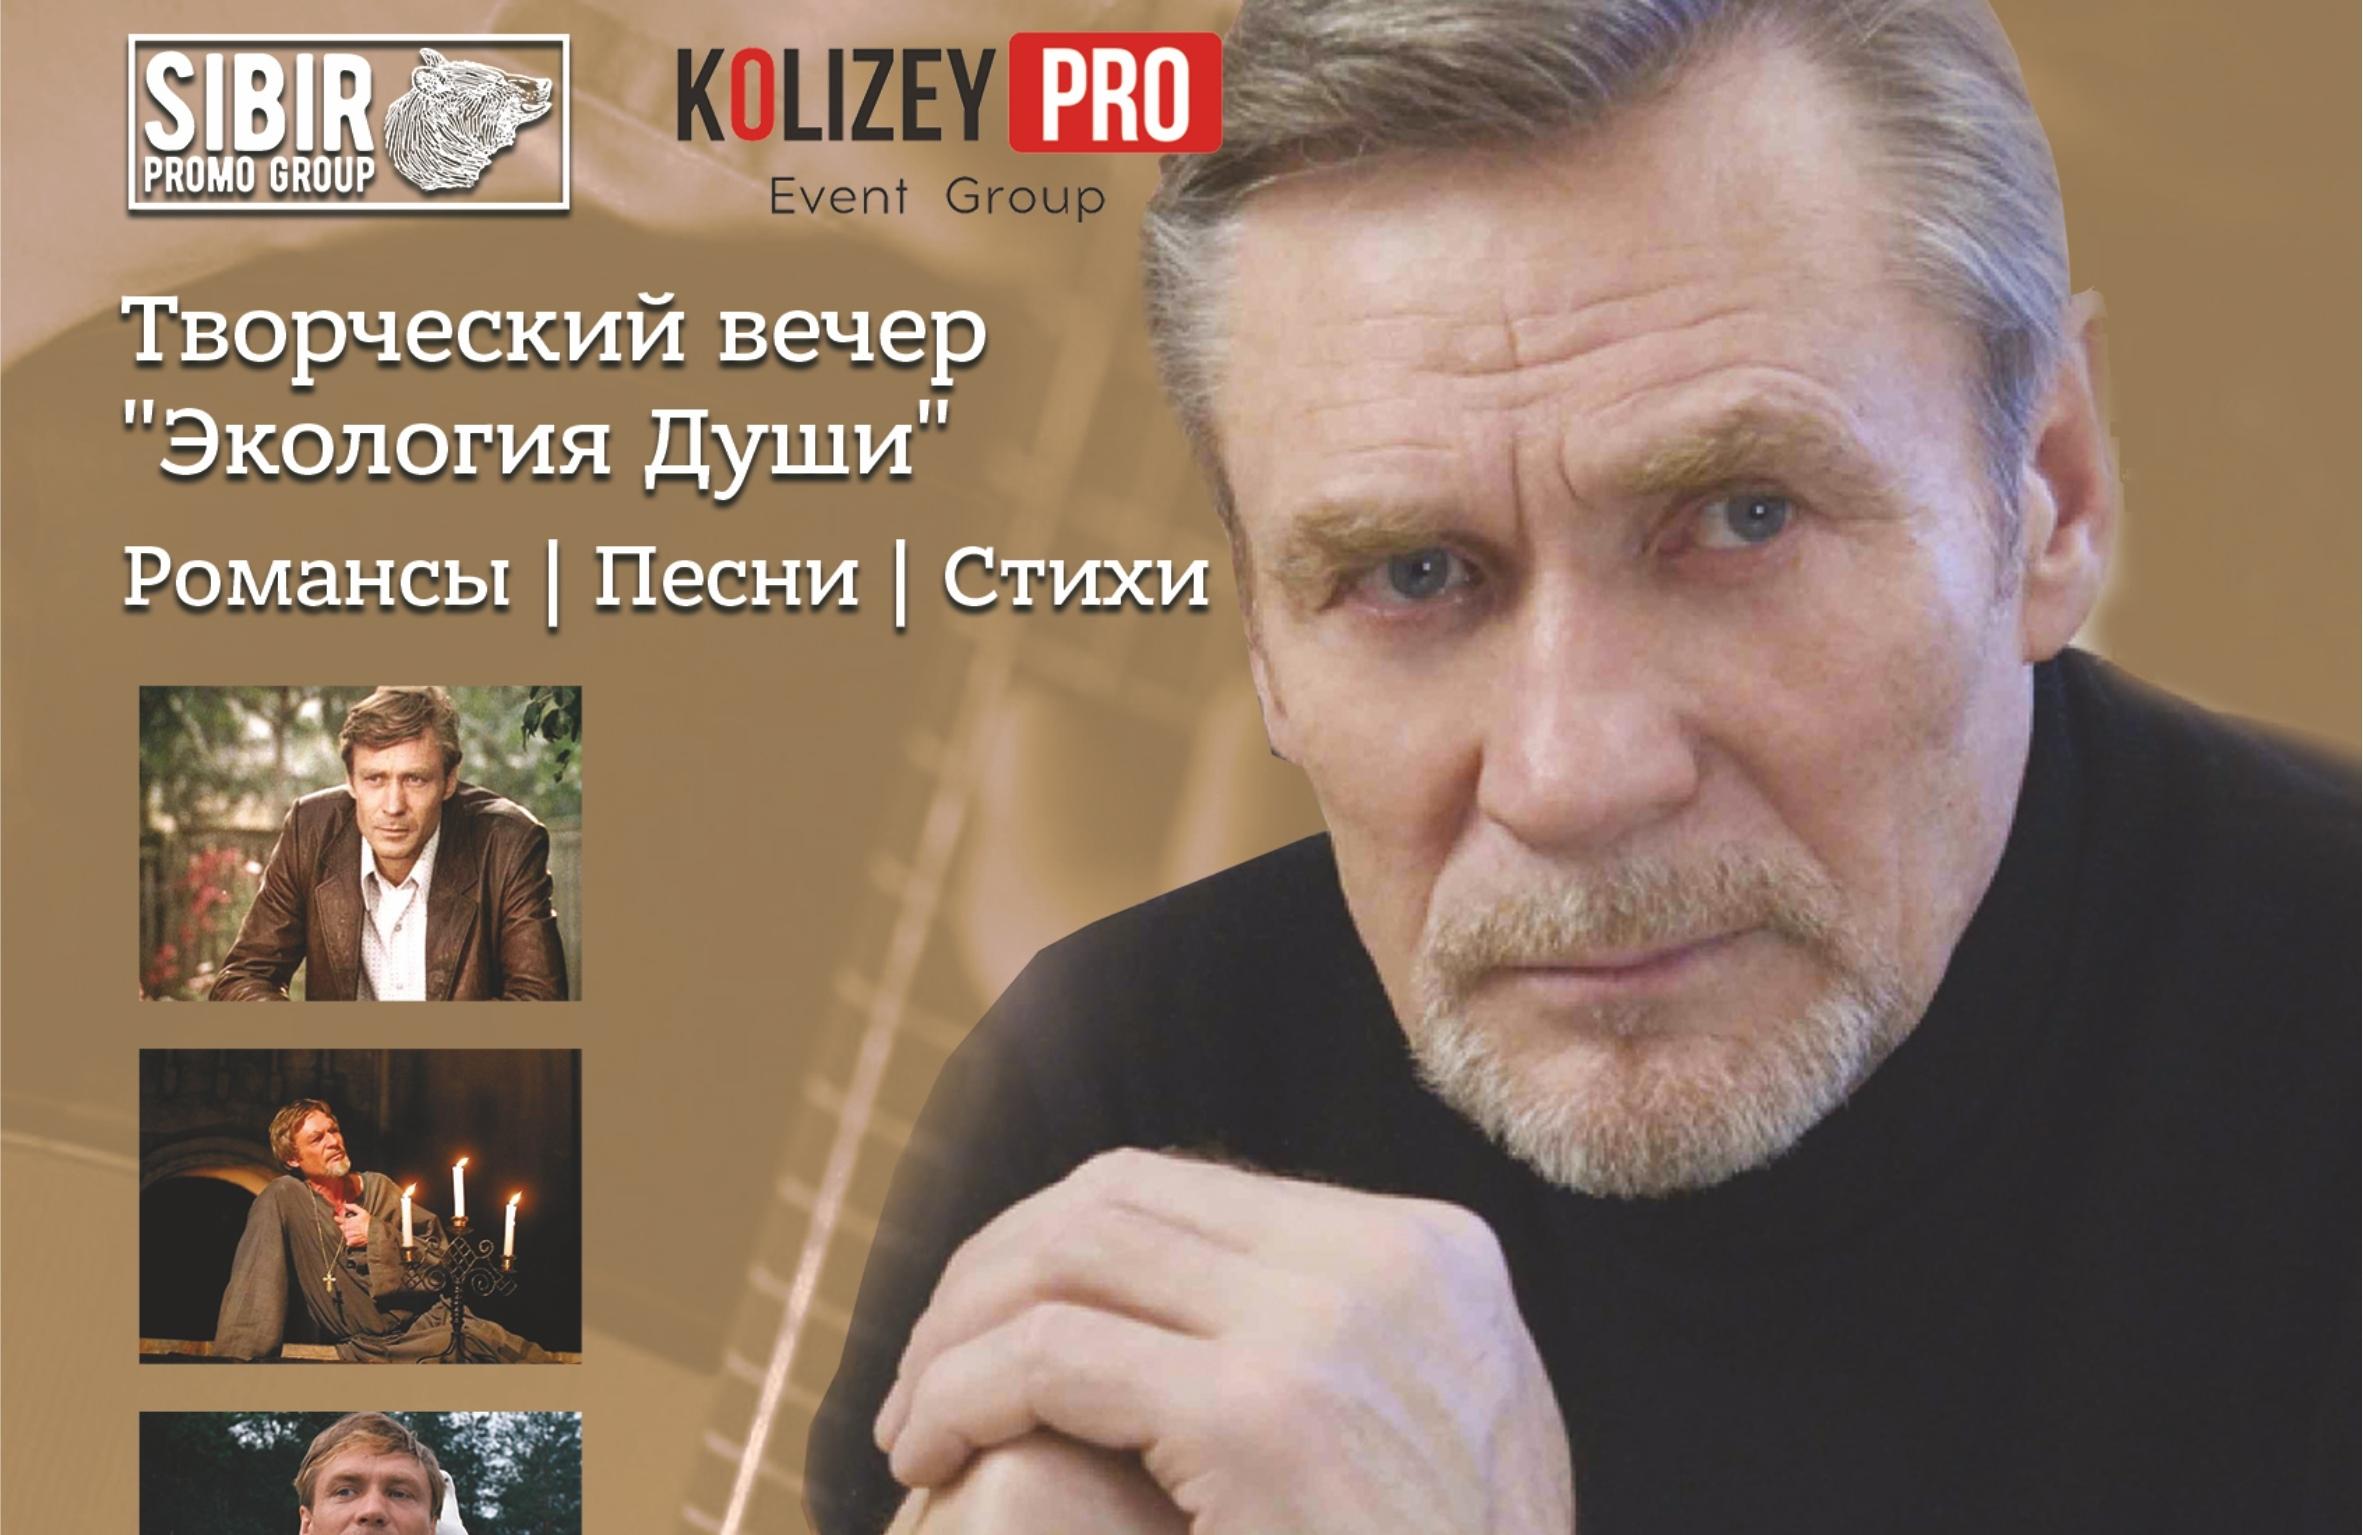 Купить билеты на Творческий вечер Александра Михайлова